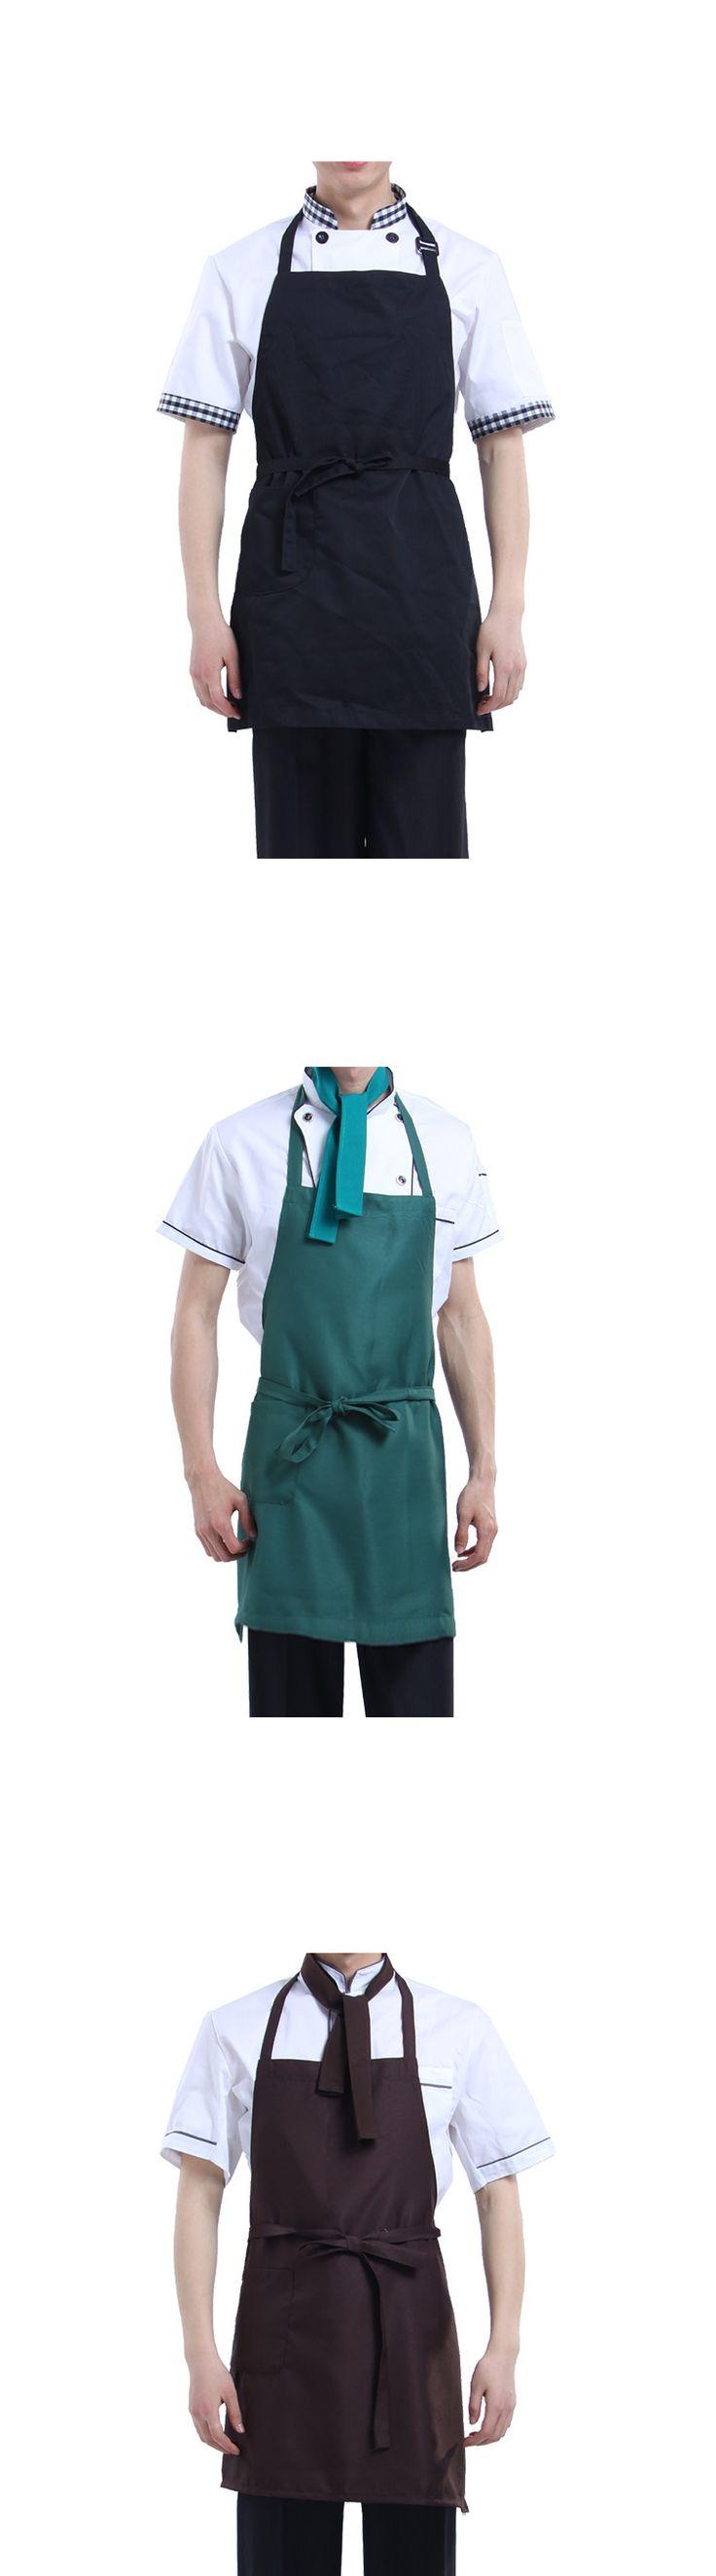 17 best images about uniform on pinterest florence for Spa uniform dubai